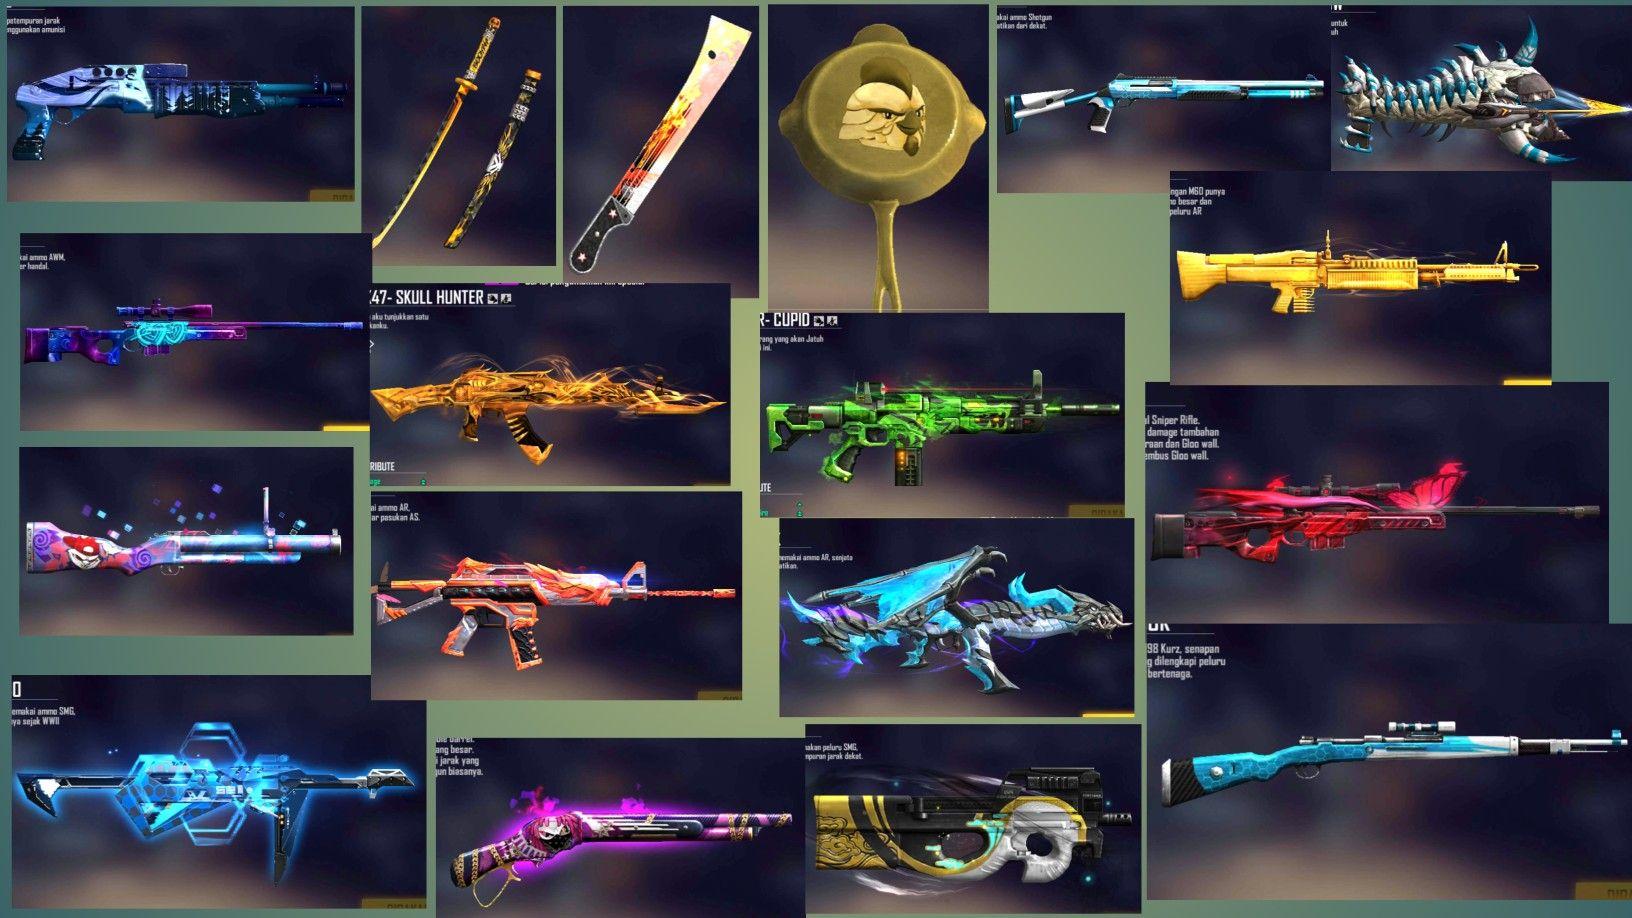 Skins Gratis Free Fire Config Senjata Ff Update Terbaru 1 54 2 Gratis Games Skin